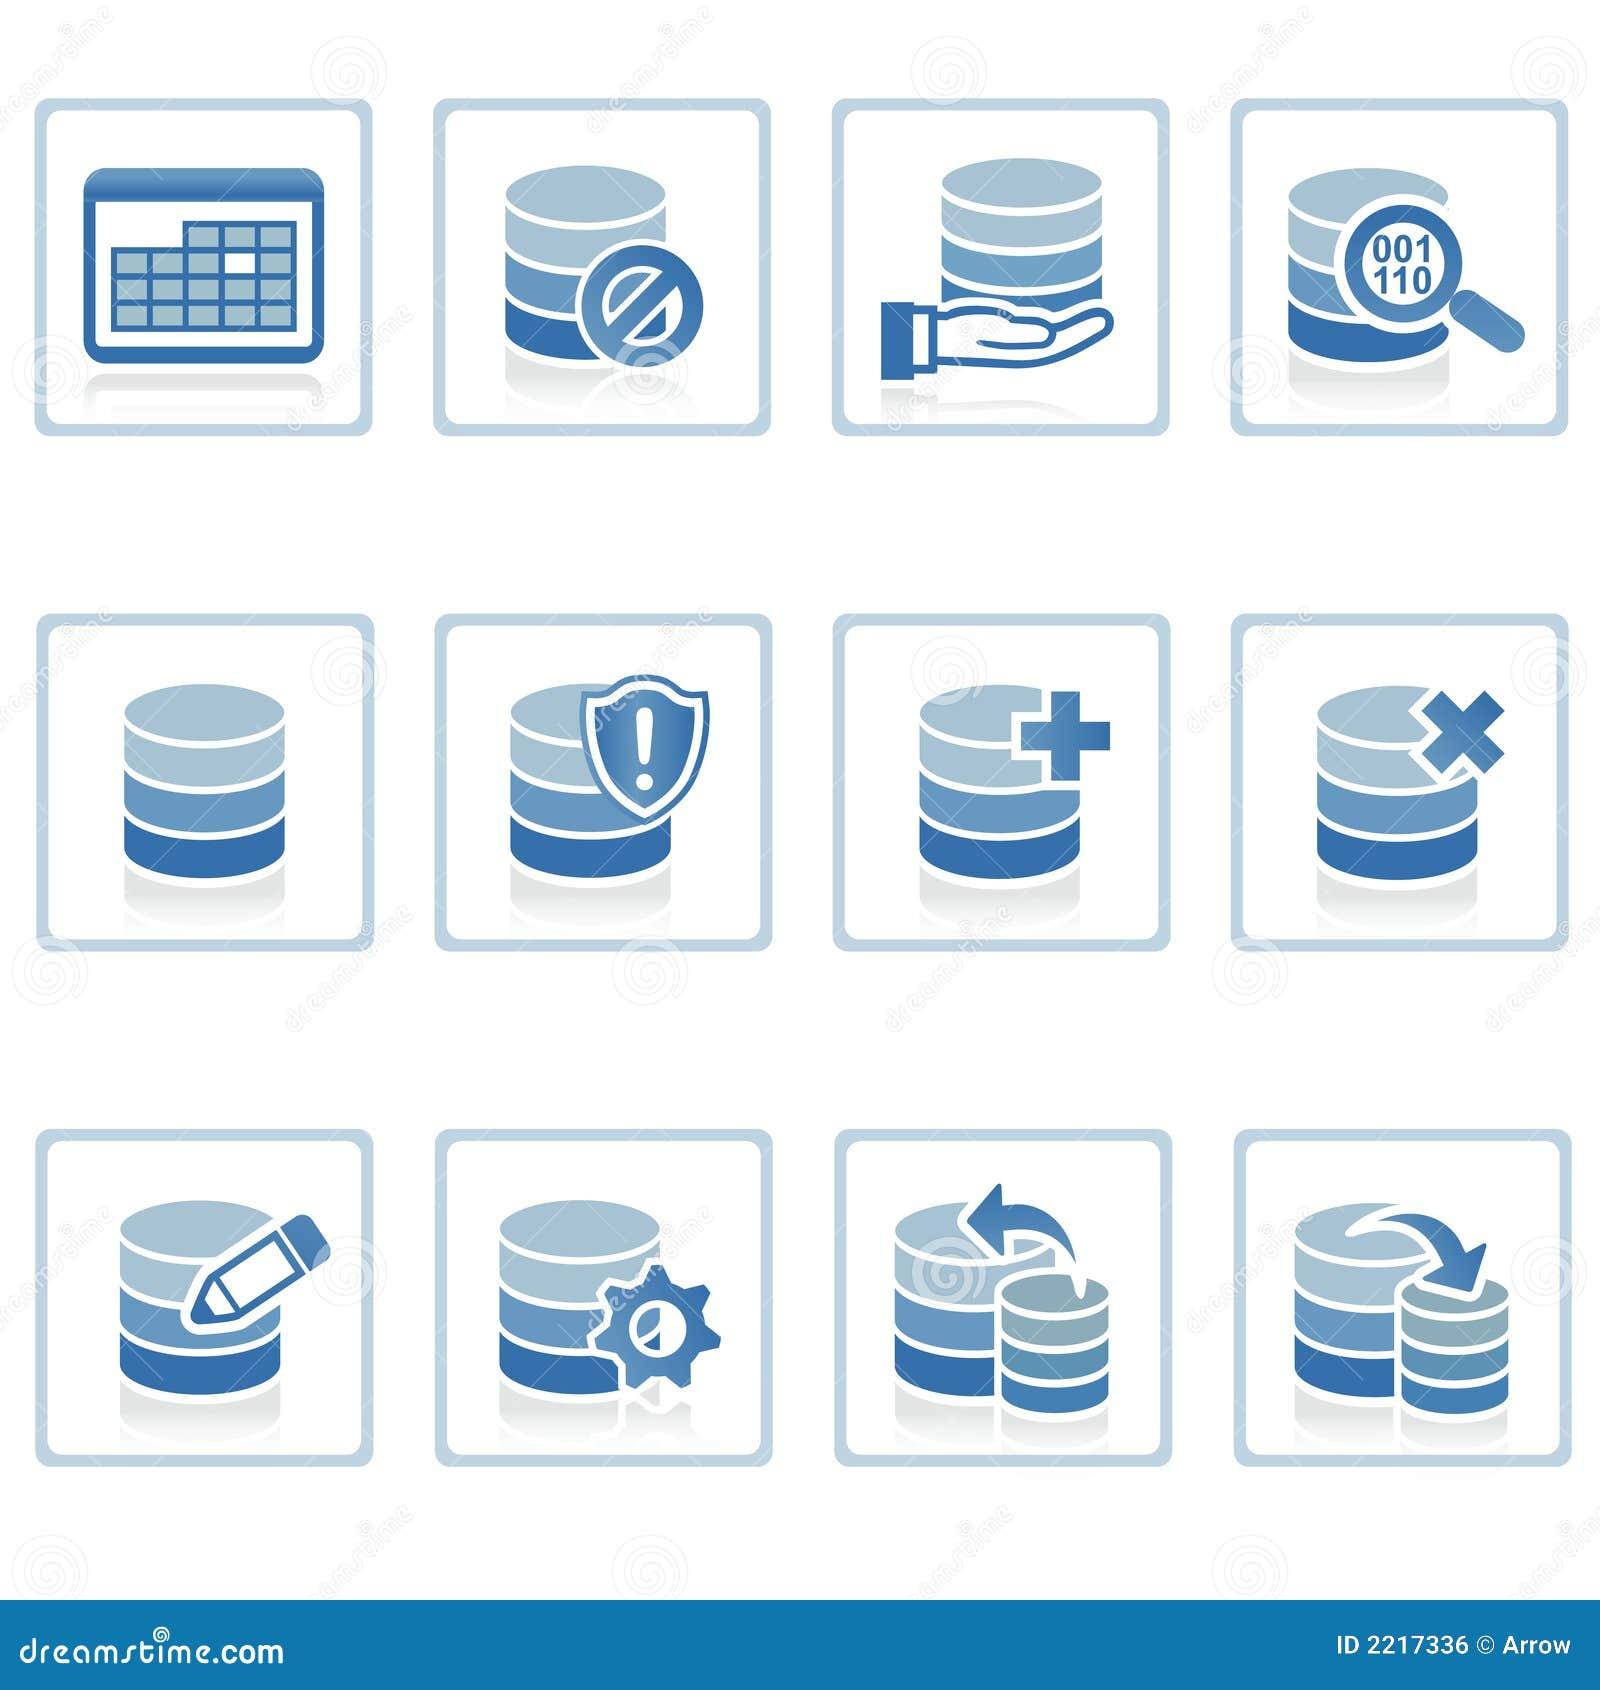 database free download